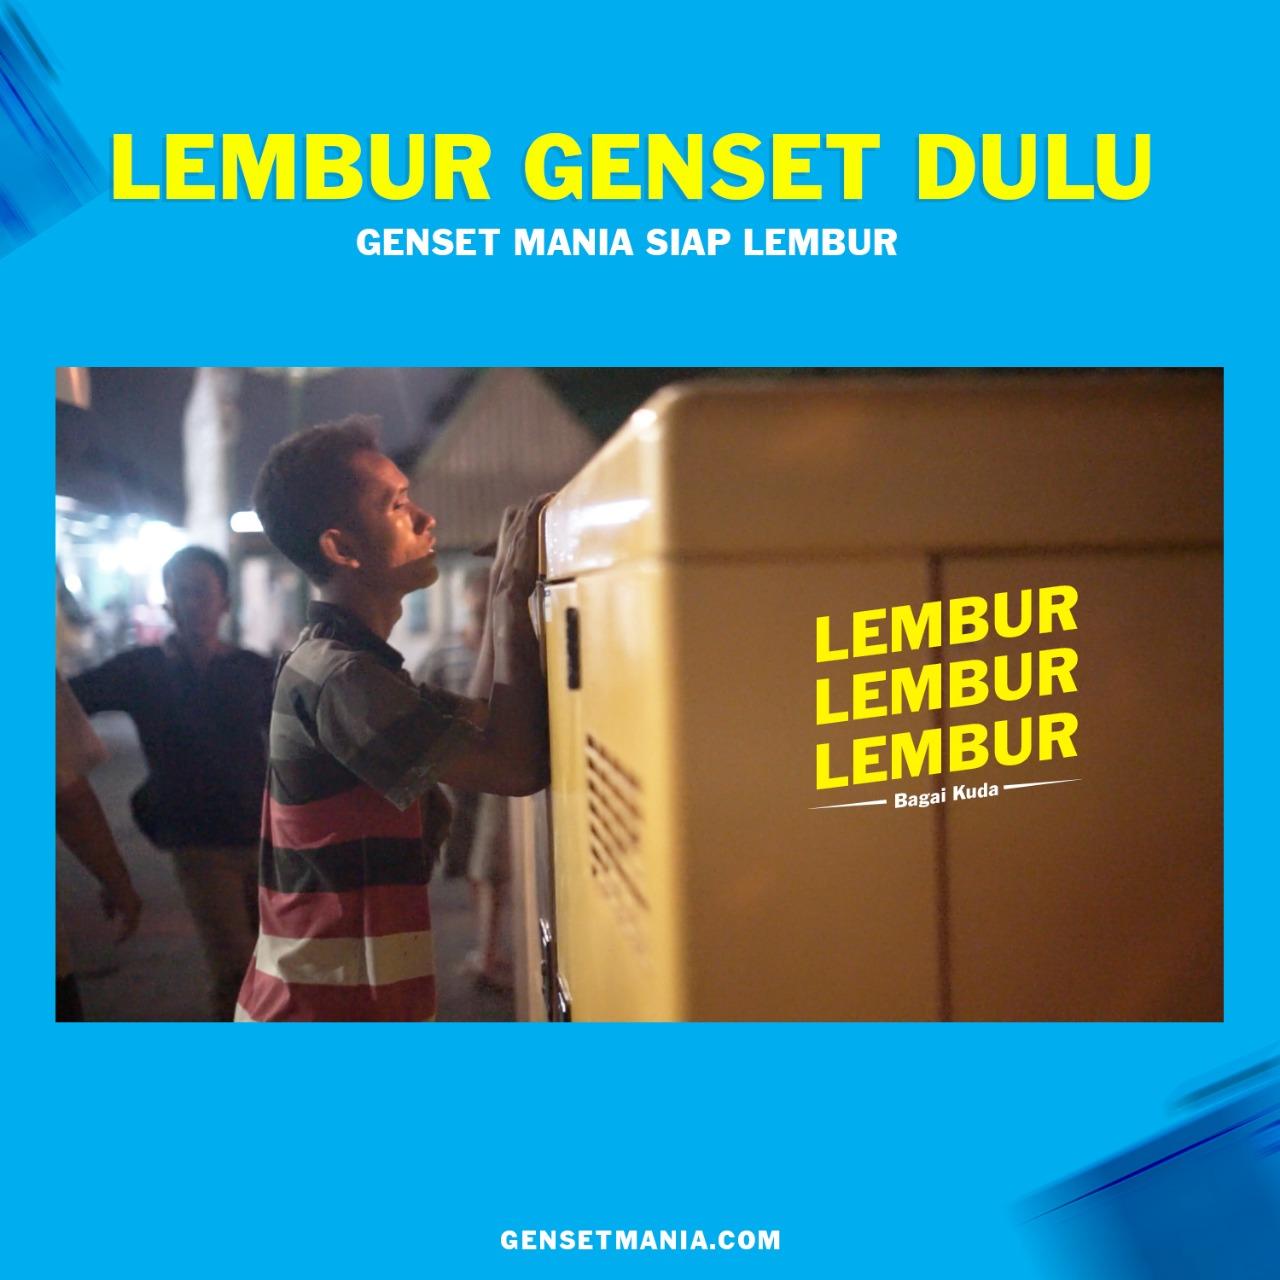 genset 10kva - 250kva Jogja Bantul Purbalingga | GENSETMANIA SEWA GENSET JOGJA - Sewa menyewa jadi lebih mudah di Spotsewa